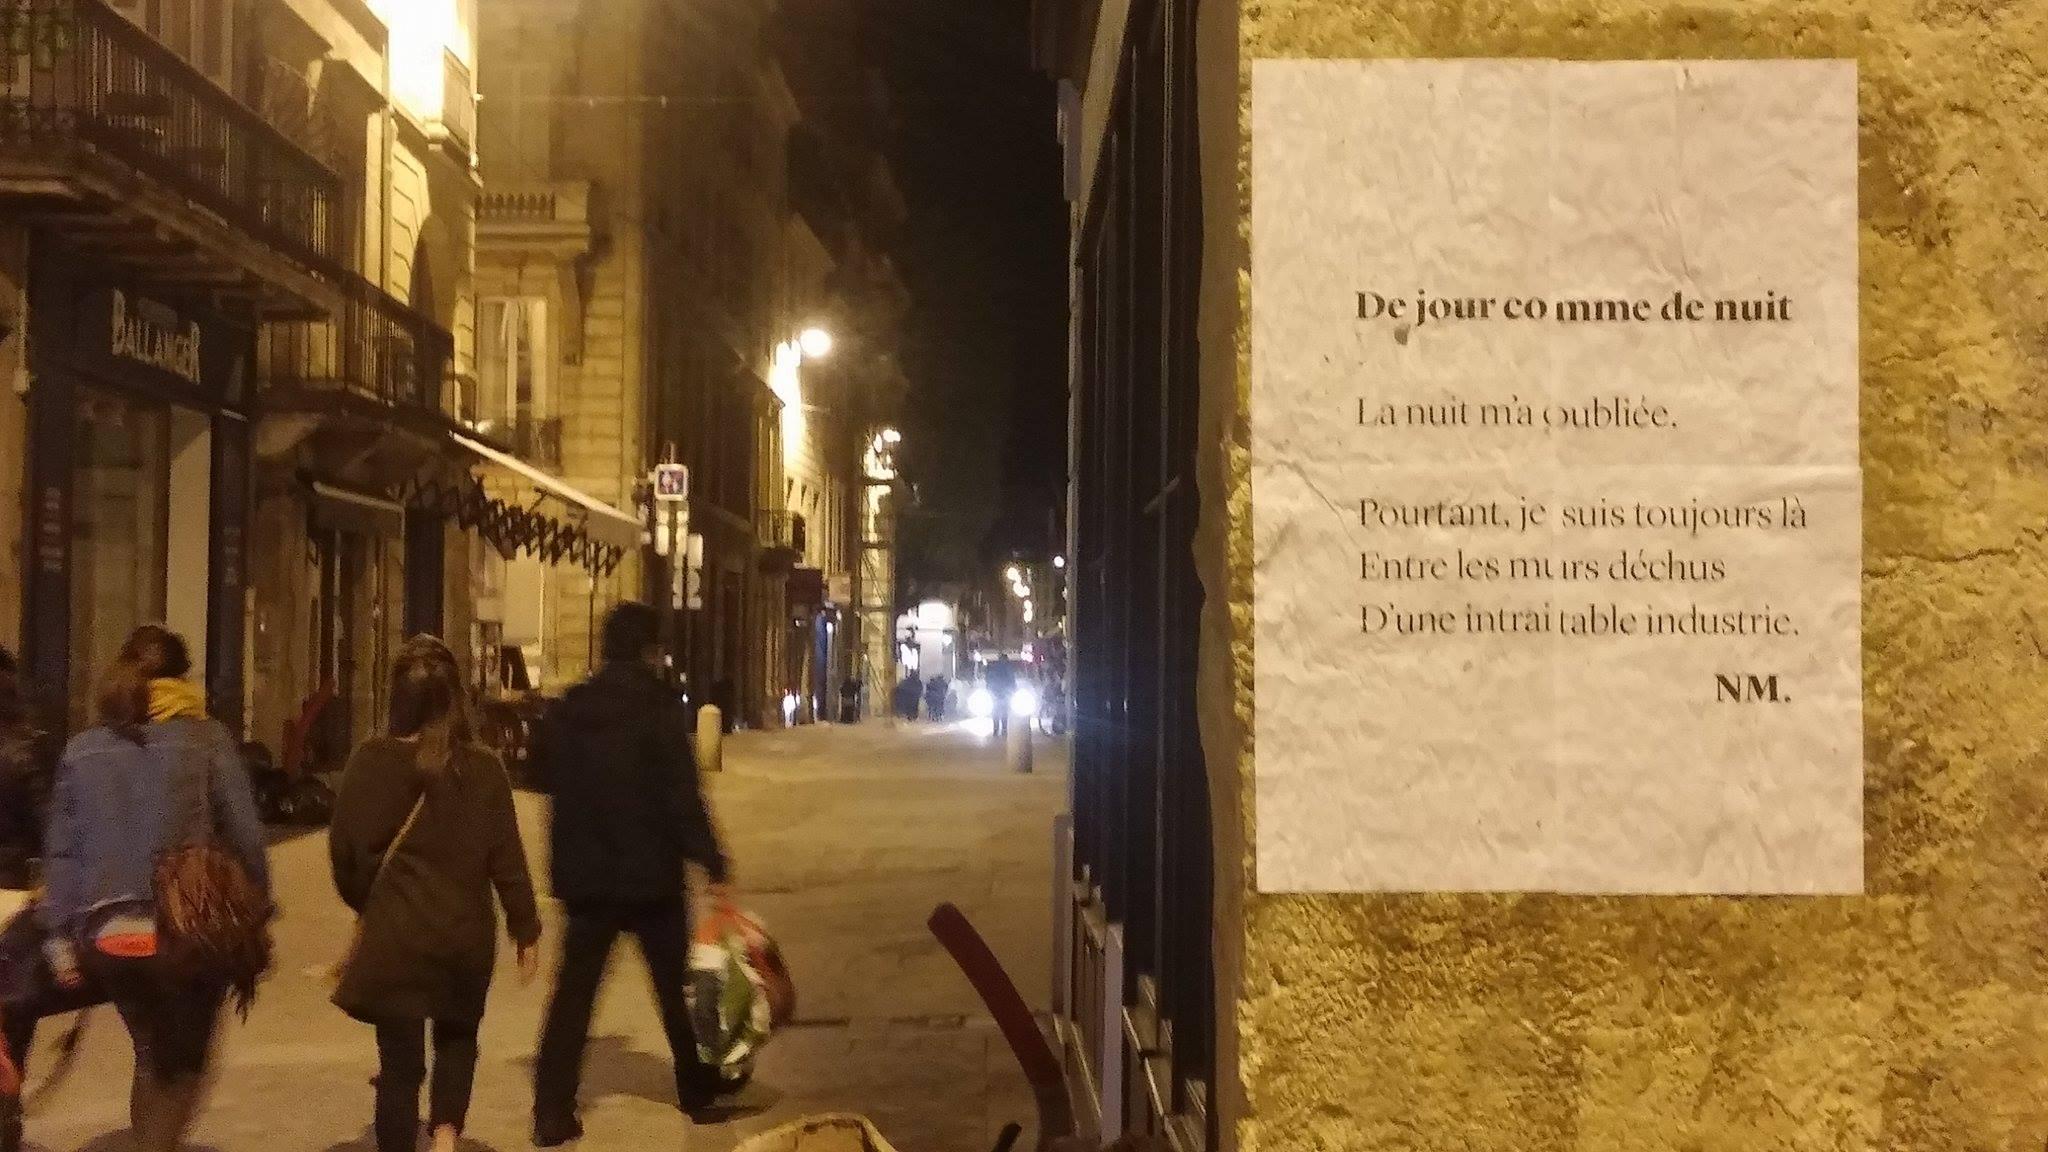 trois conils, de jour comme de nuit, poèmes de rue, bordeaux